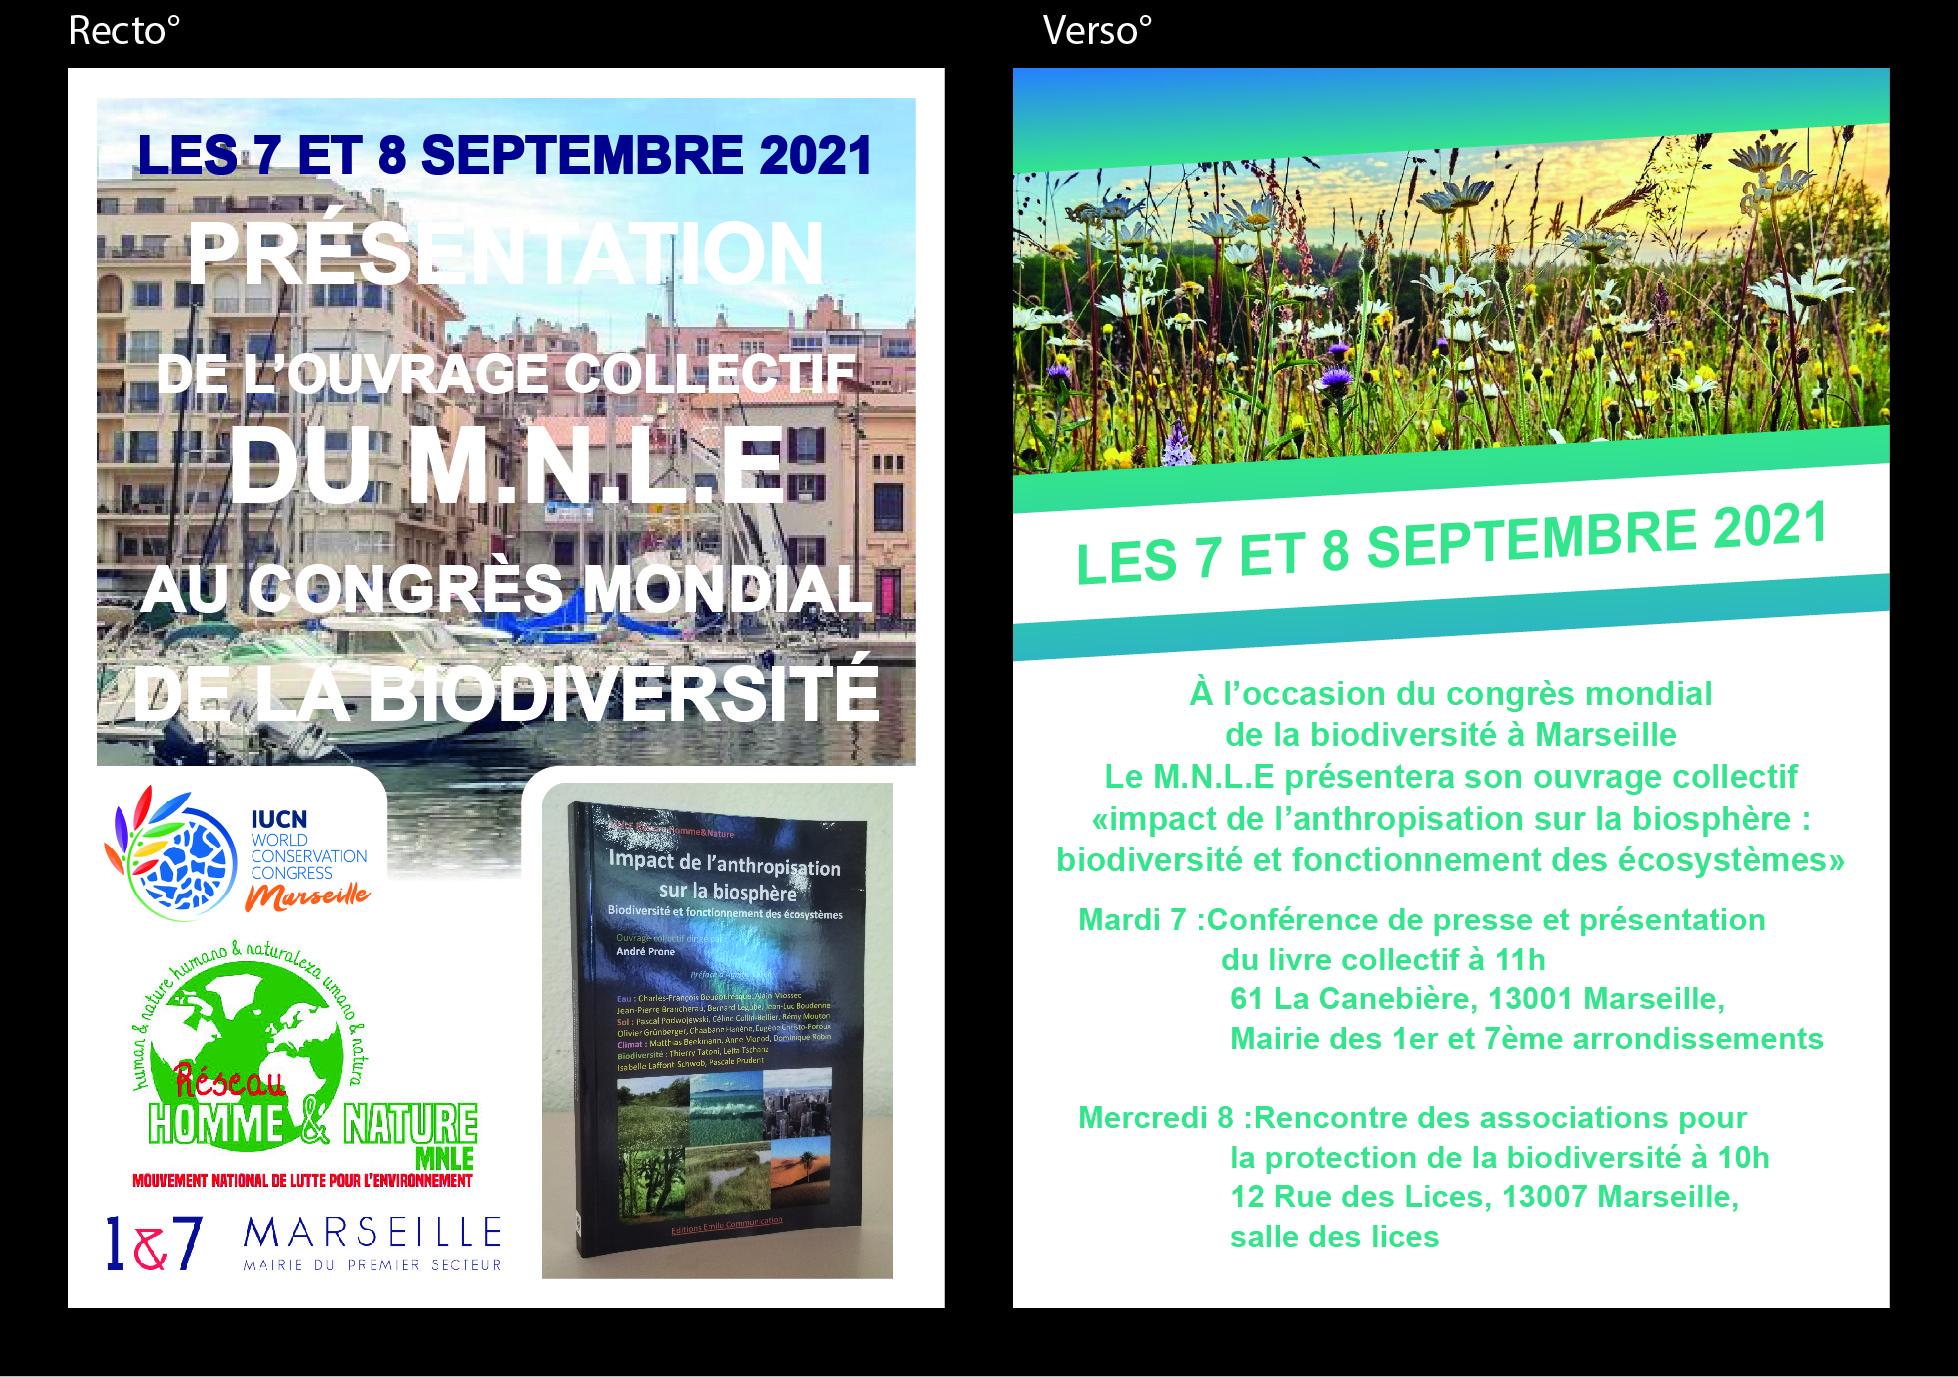 (2) #BiodiversitéCongrèsMondial : Présentation du livre collectif «Impact de l'anthropisation sur la biosphère» par le MNLE à La Mairie du Premier Secteur.